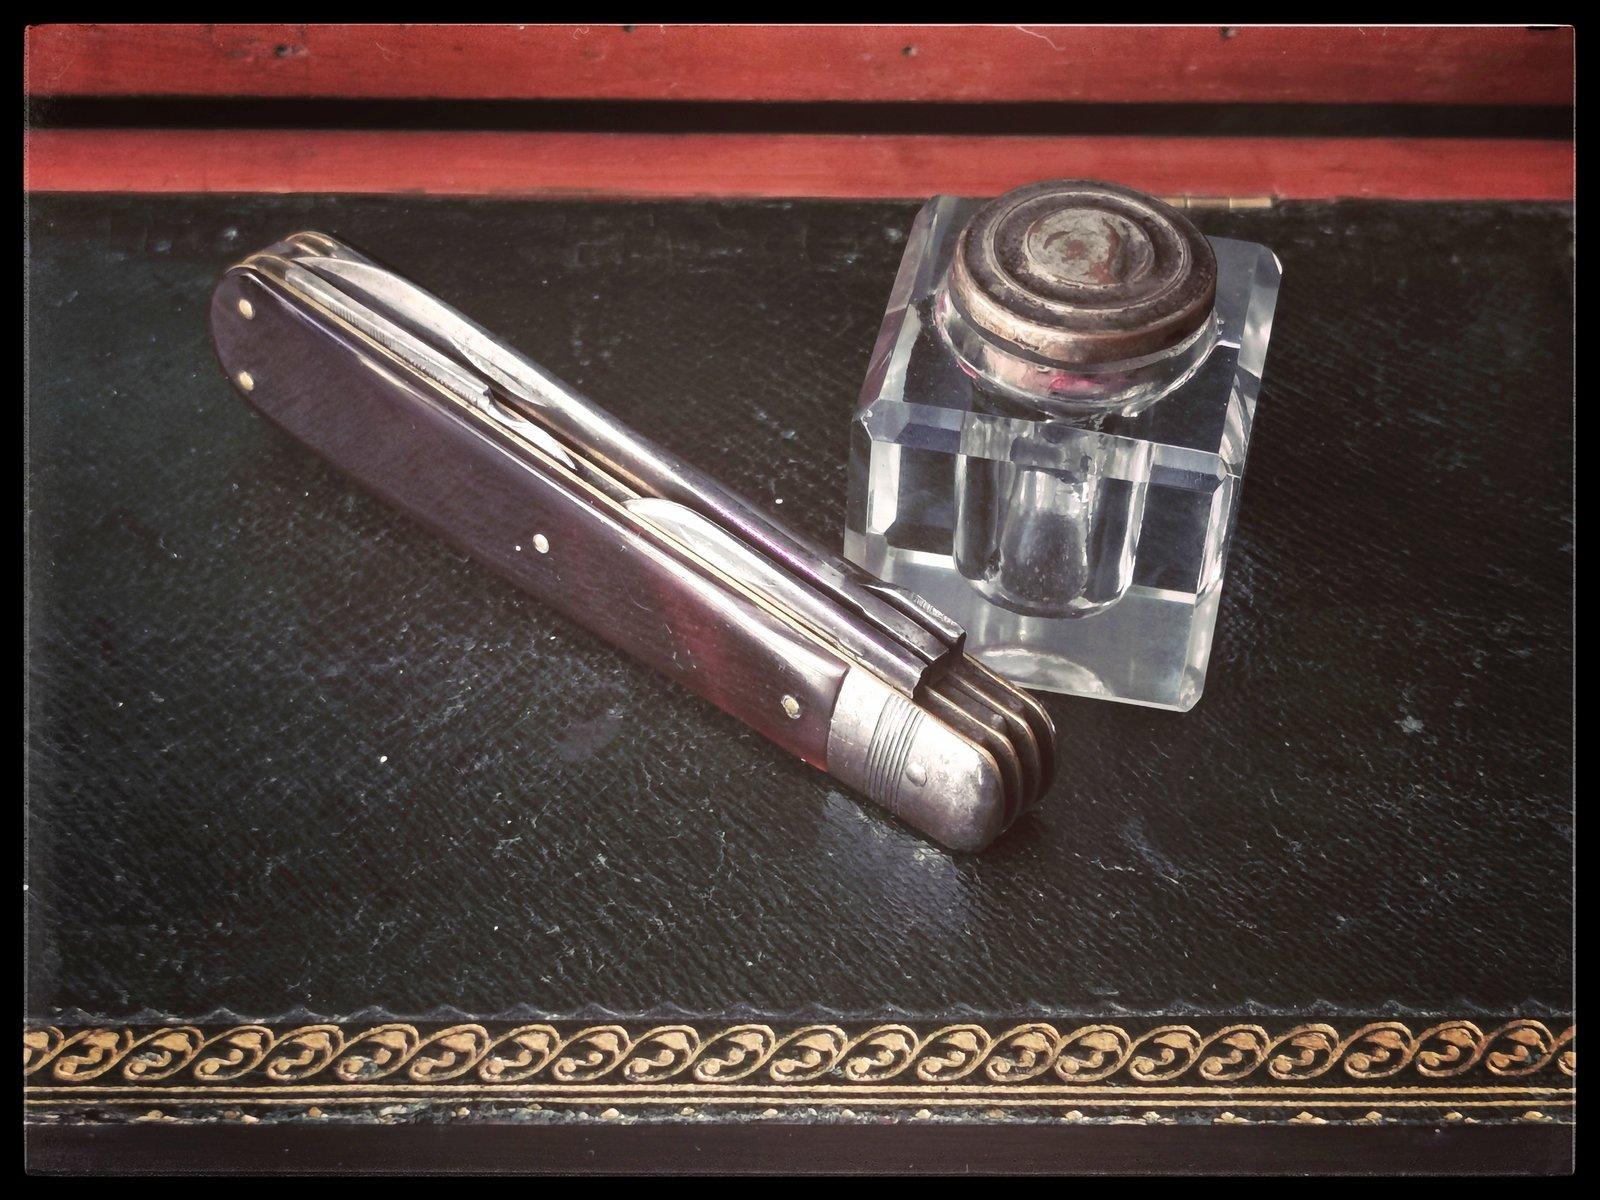 199561F3-1393-431F-B7CC-B7EC580E83FD.jpeg